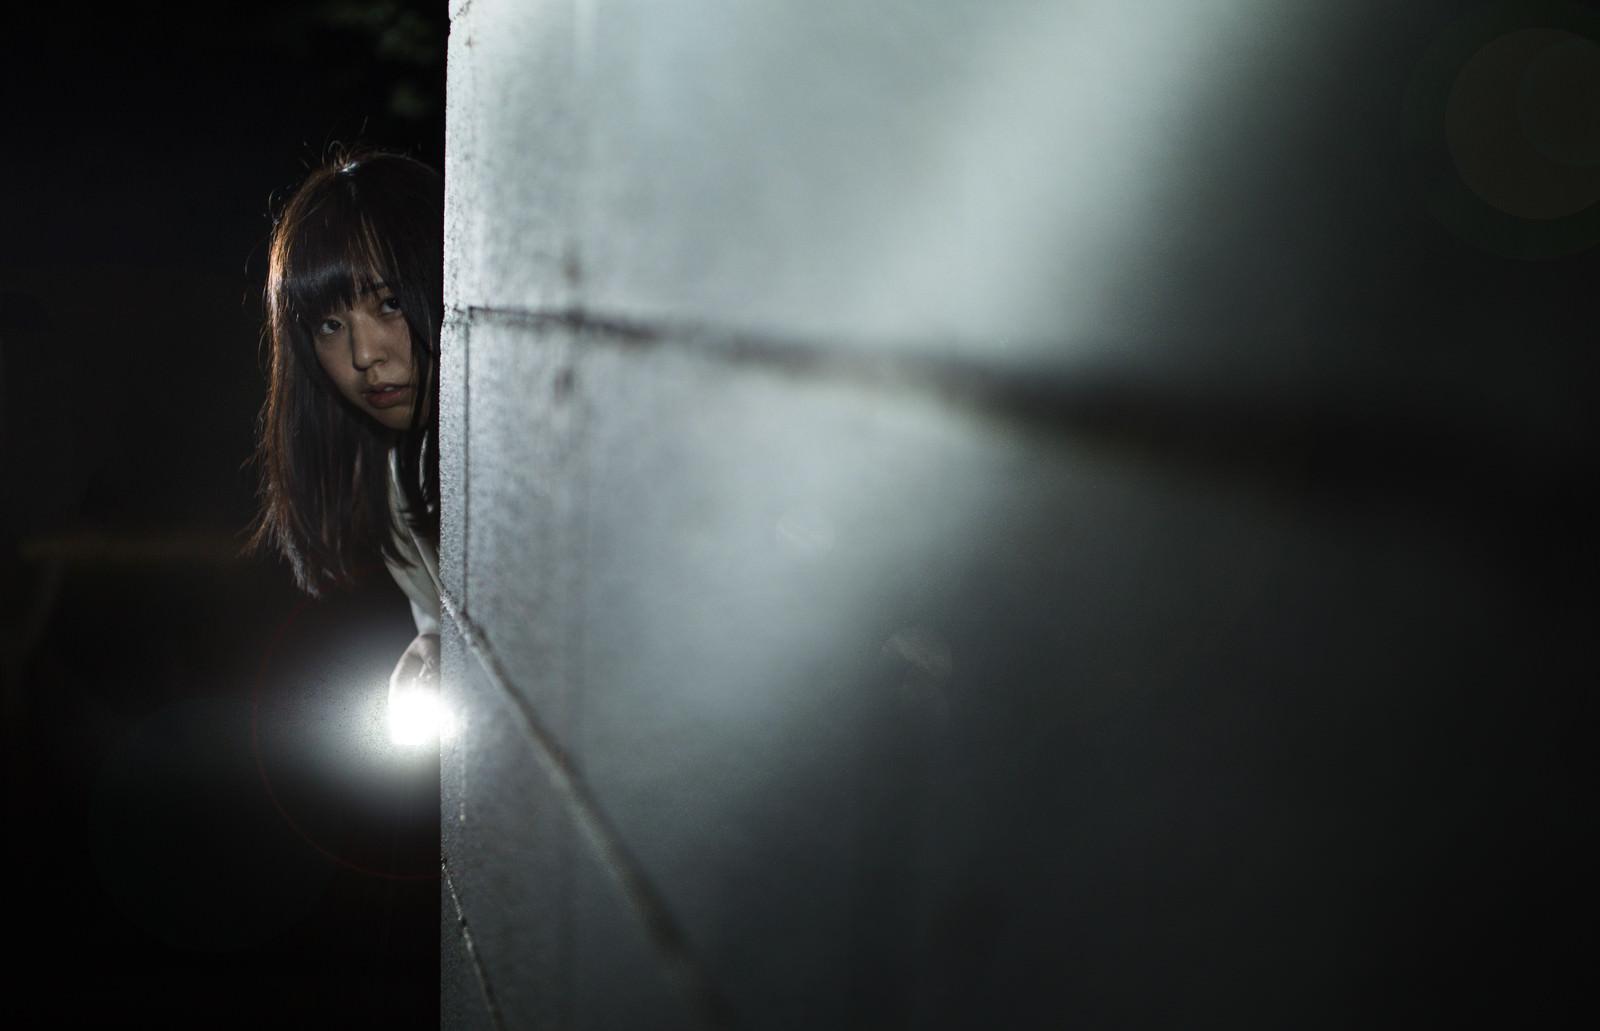 「ハンドライトで照らしながら恐る恐る前に進む女性」の写真[モデル:さとうゆい]